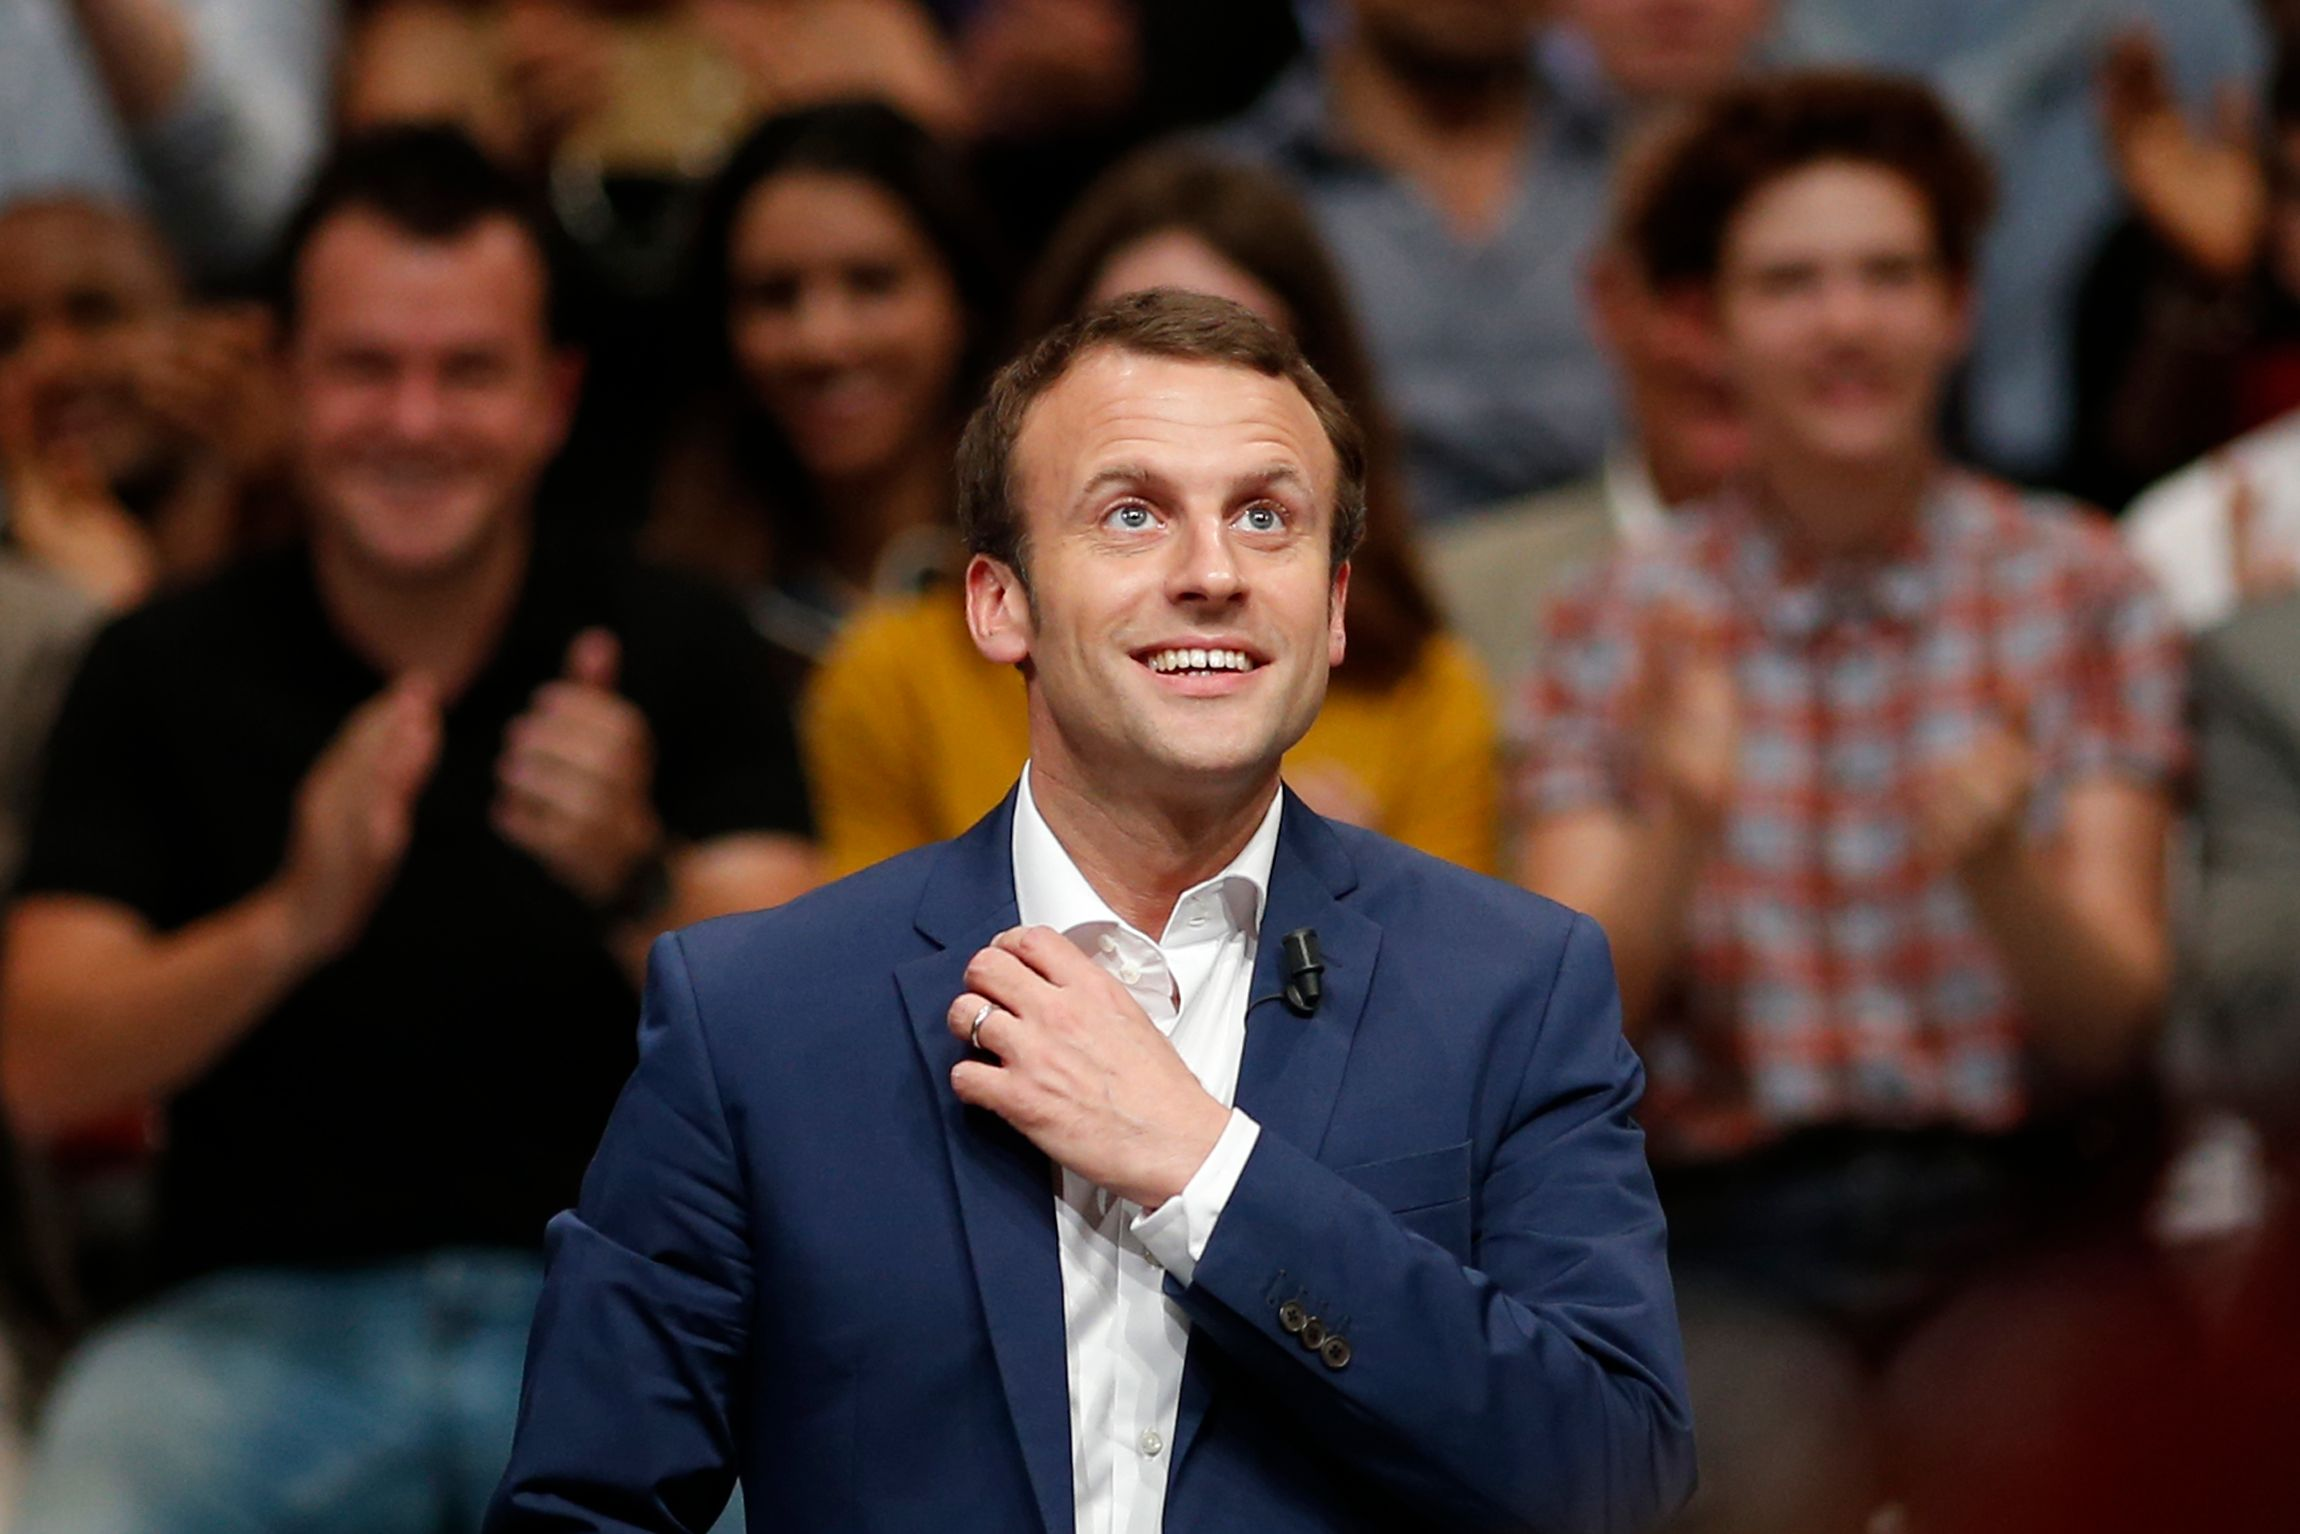 Emmanuel Macron a, lui, intérêt à ce que la présidentielle se joue entre Hollande et Sarkozy. Dans ce cas là il récupère les déçus de Hollande et les déçus de Sarkozy.